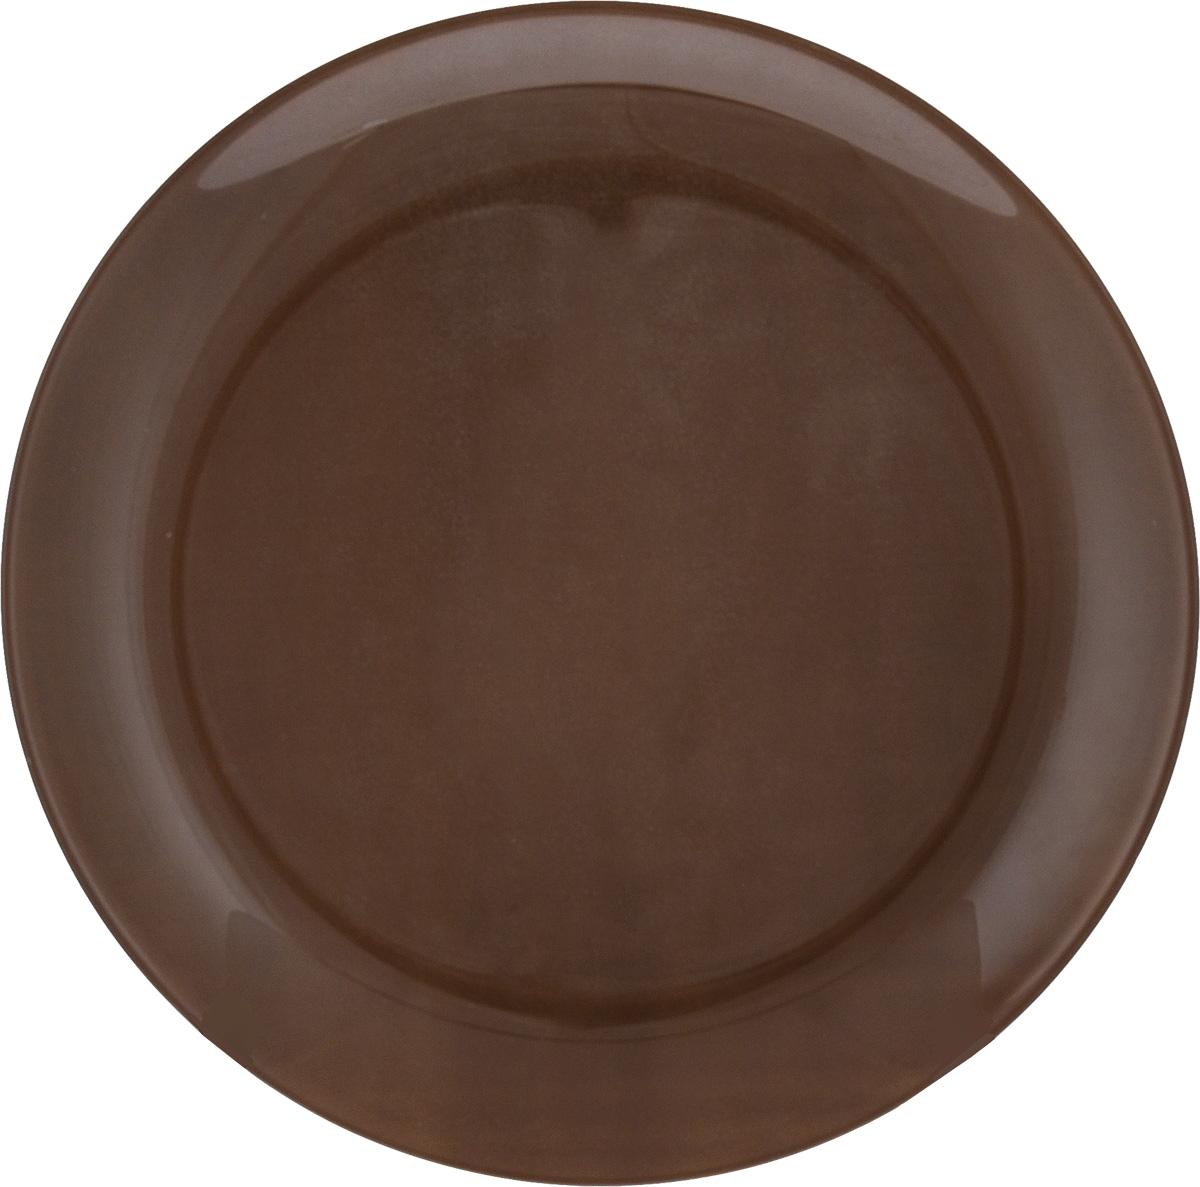 Тарелка десертная Luminarc Arty Chocolate, диаметр 20 смJ1662Десертная тарелка Luminarc Arty Chocolate, изготовленная из ударопрочного стекла, имеет изысканный внешний вид. Такая тарелка прекрасно подходит как для торжественных случаев, так и для повседневного использования. Идеальна для подачи десертов, пирожных, тортов и многого другого. Она прекрасно оформит стол и станет отличным дополнением к вашей коллекции кухонной посуды. Диаметр тарелки (по верхнему краю): 20 см.